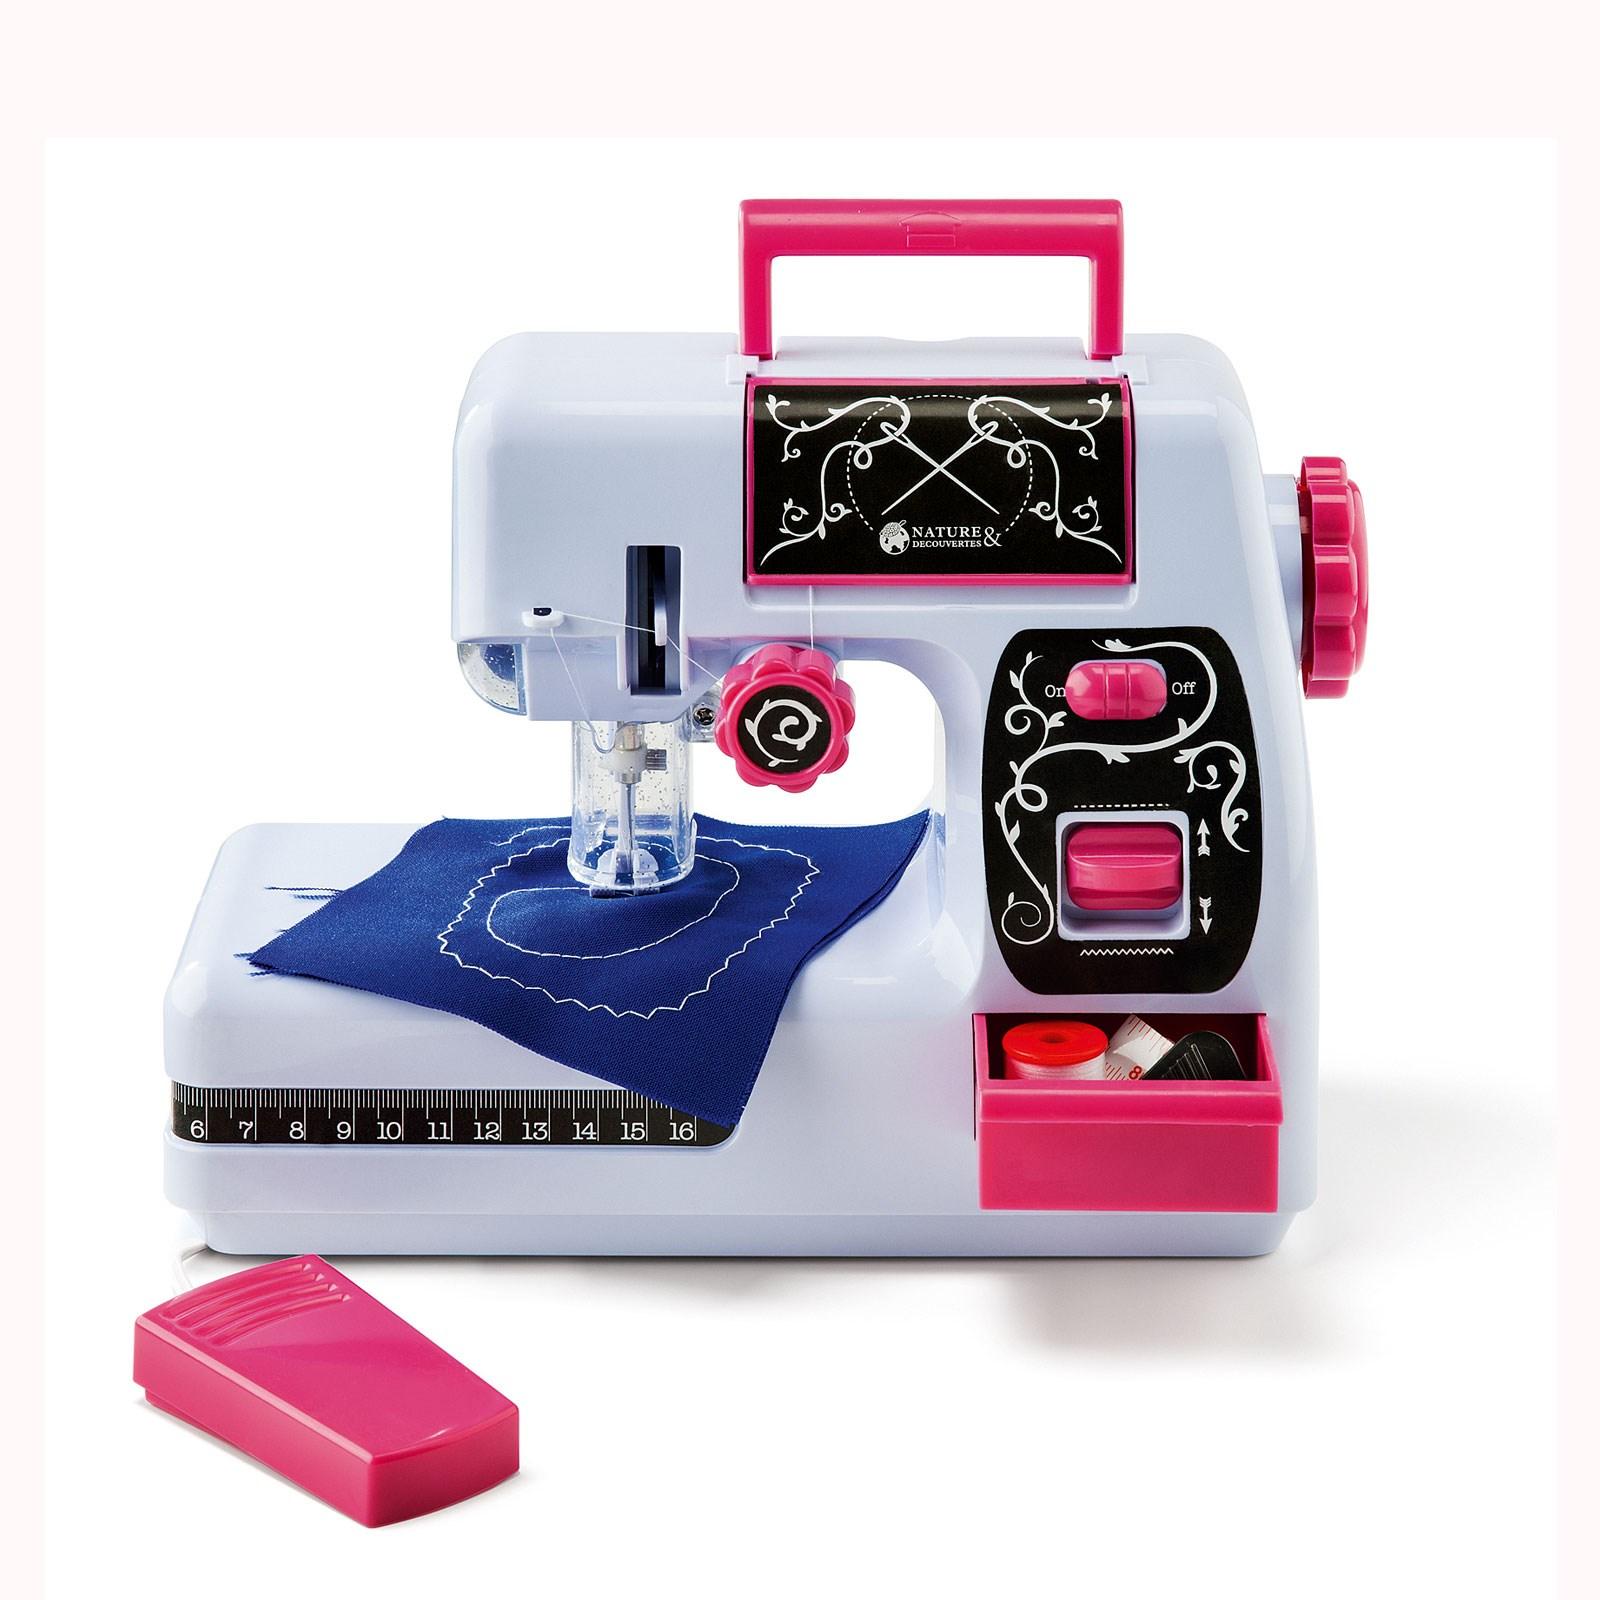 machine coudre enfant. Black Bedroom Furniture Sets. Home Design Ideas